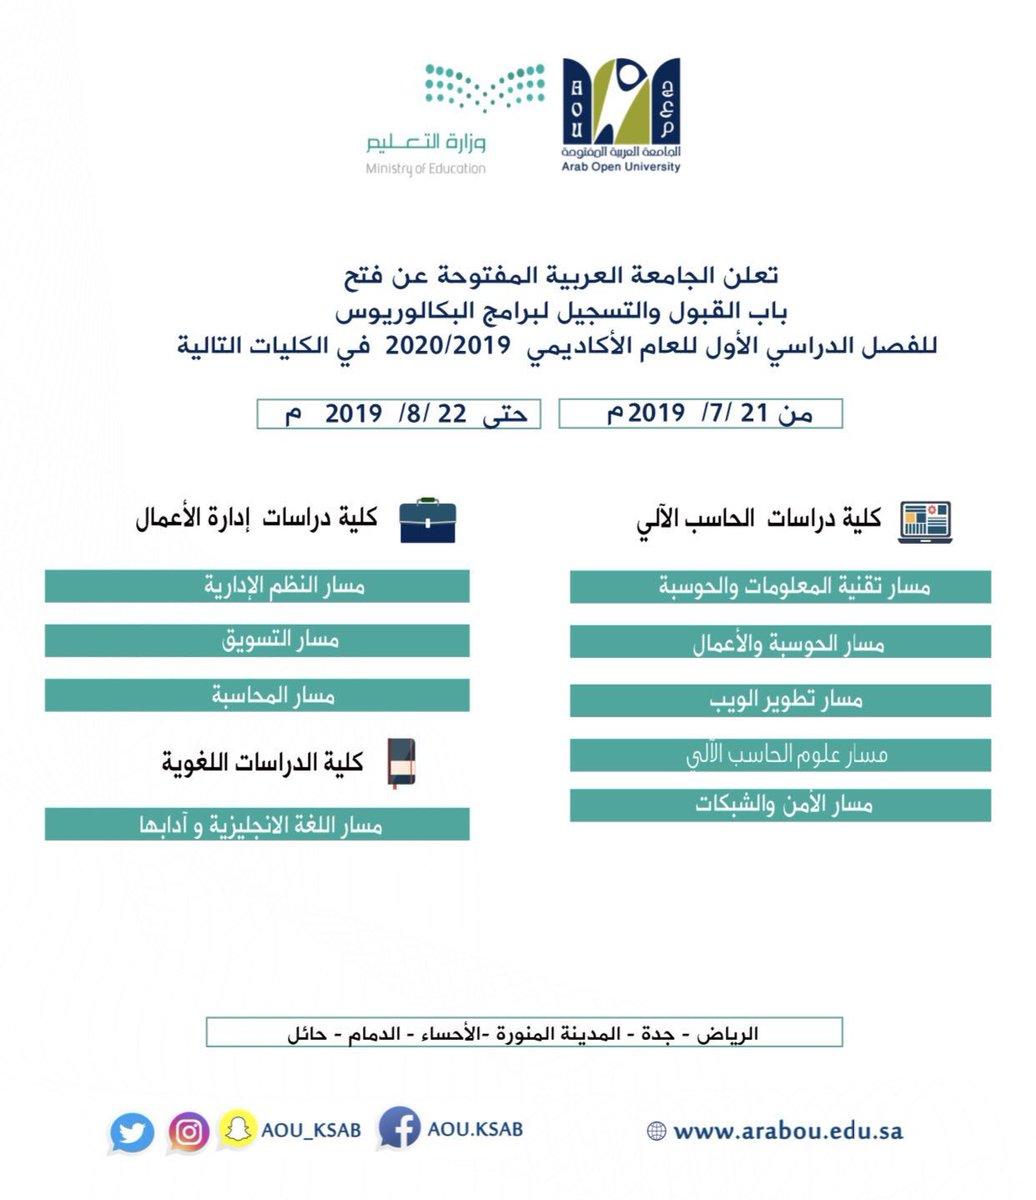 الجامعة العربية المفتوحة On Twitter عزيزي المتقدم عزيزتي